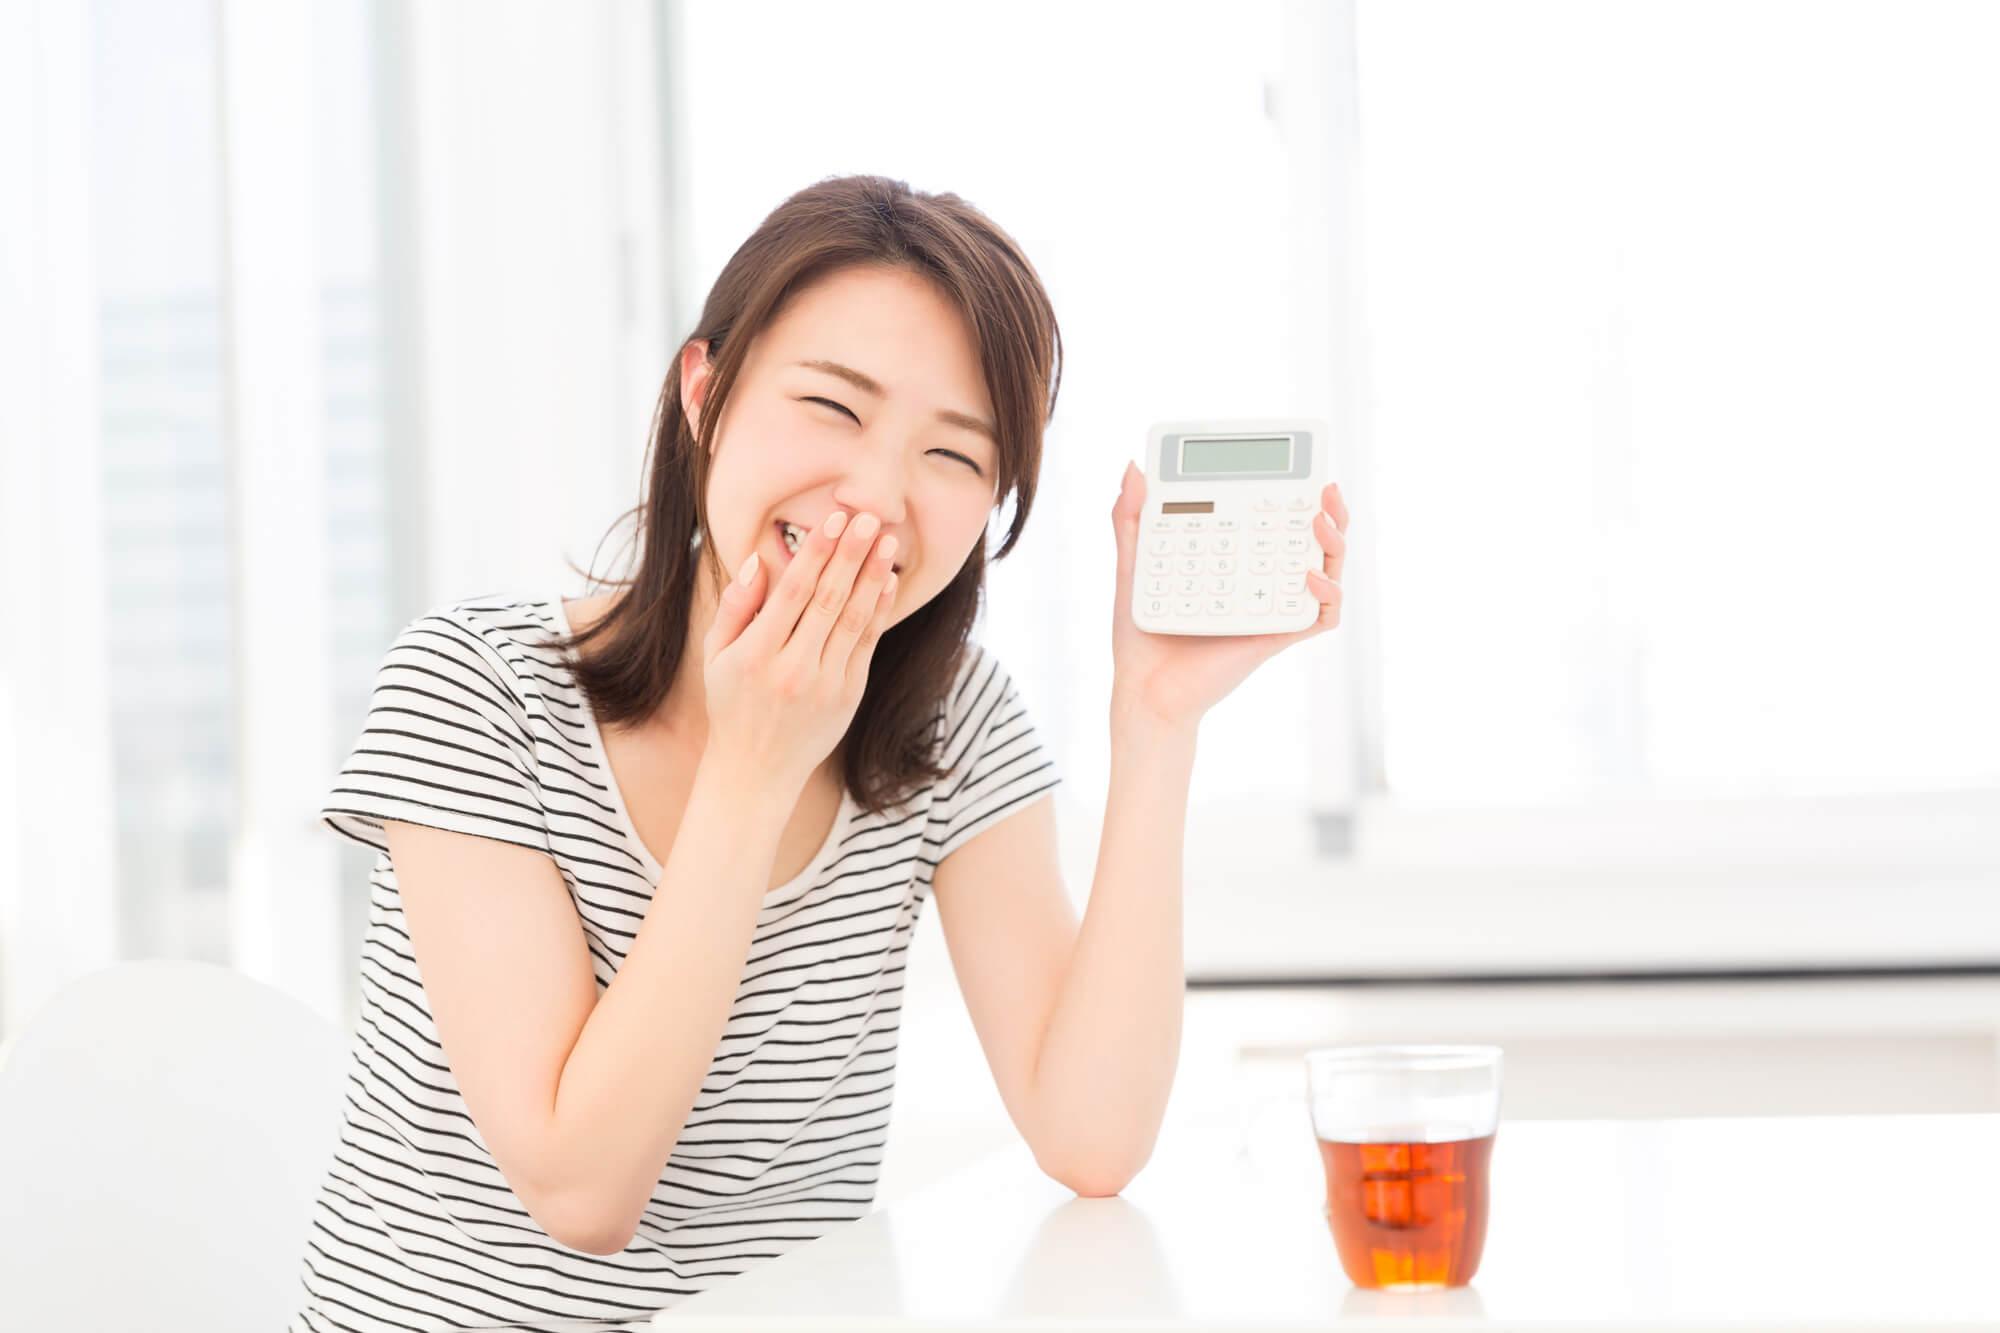 安くておすすめなカシミヤストール5選【素材は高級】